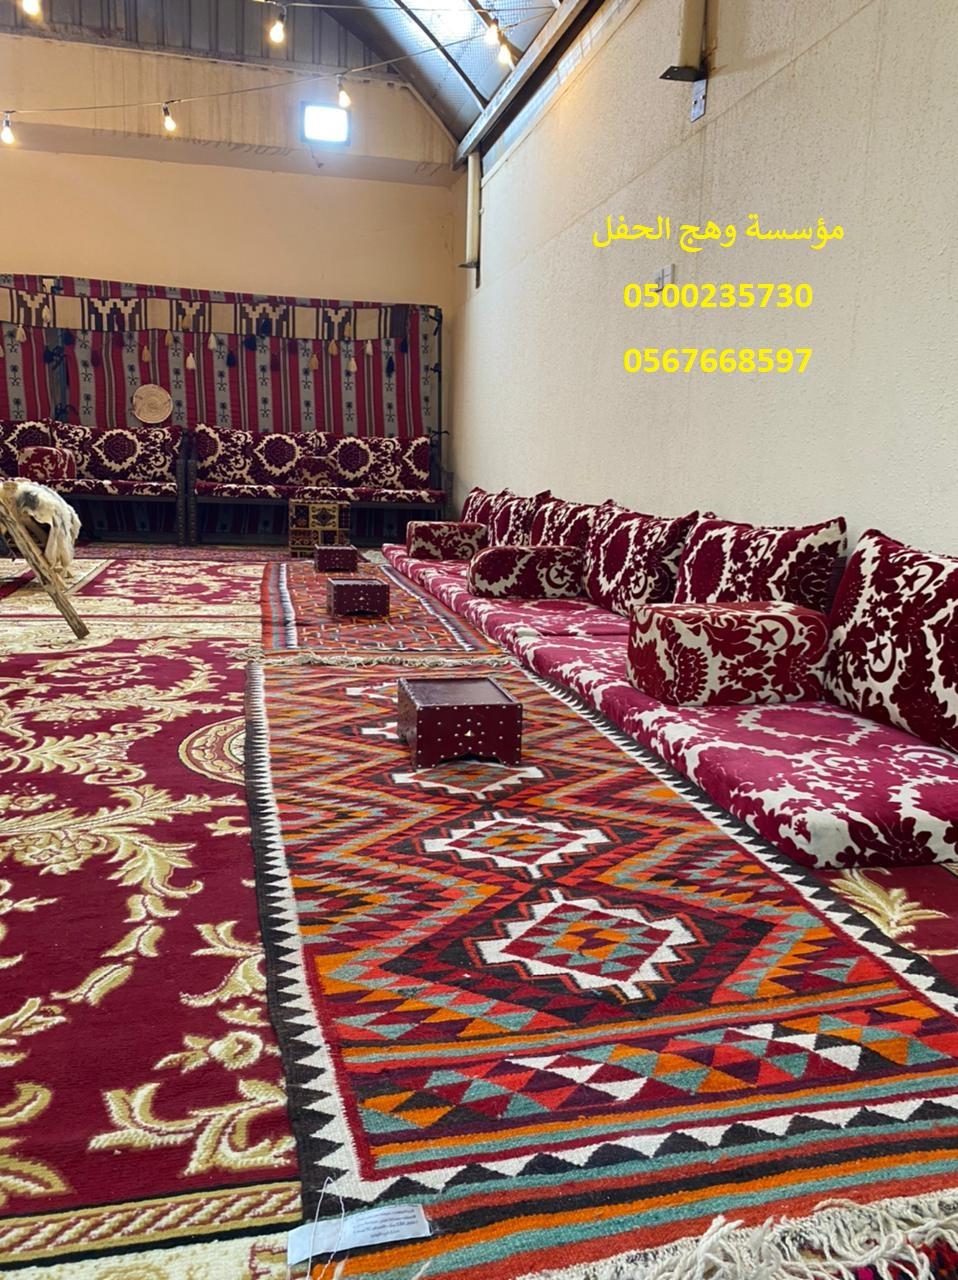 تجهيز خيام رمضان ,خيام رمضانيه  ,ايجار تراثيات,خيام متوسطة